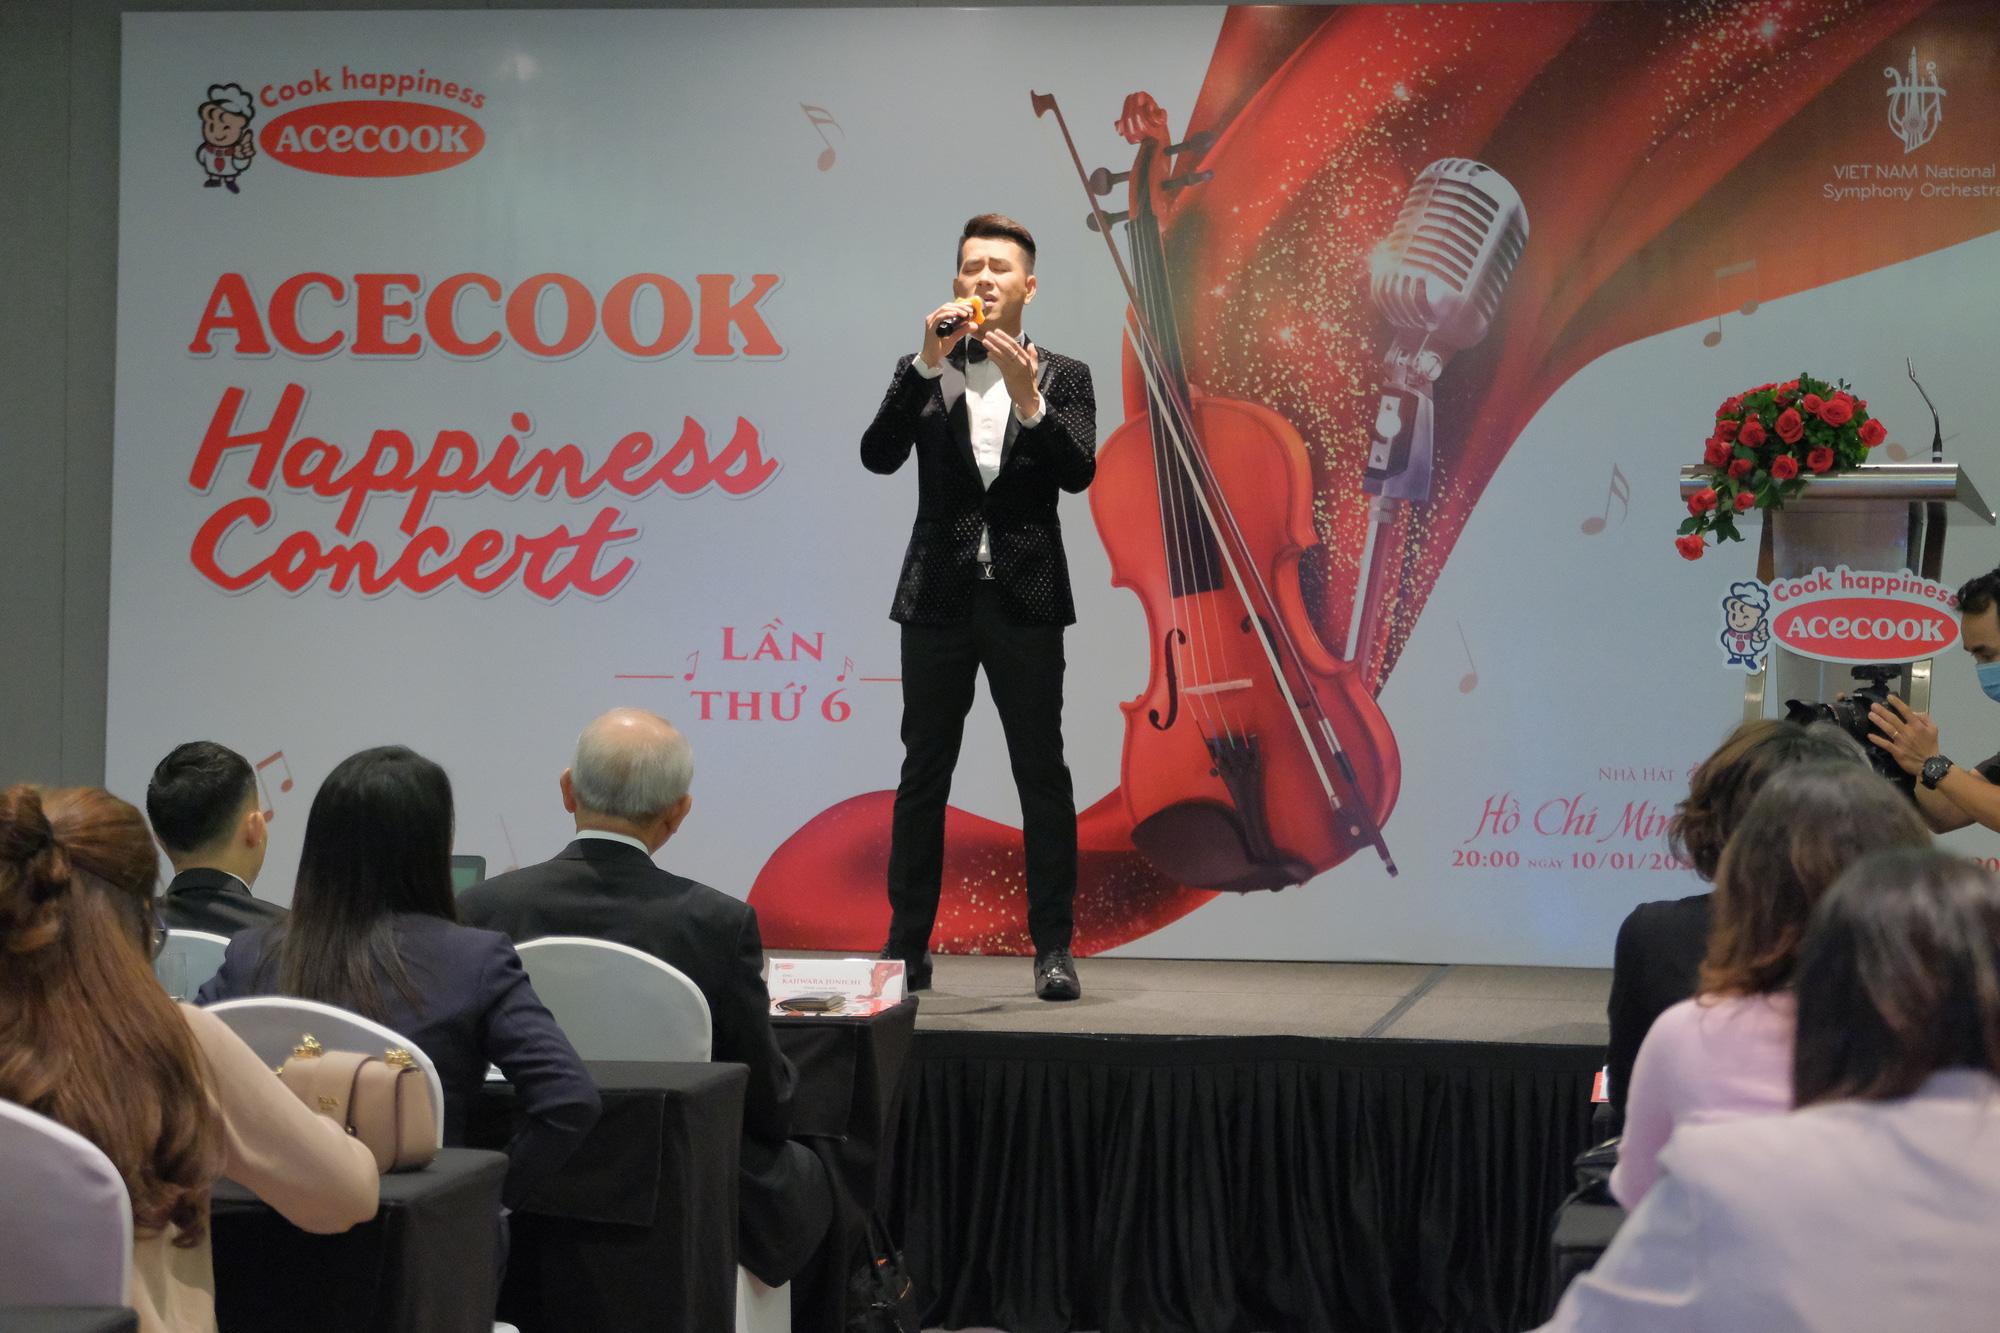 """Hồ Trung Dũng lần đầu """"hòa nhạc hạnh phúc"""" cùng giọng ca Opera Khánh Ngọc - Ảnh 2."""